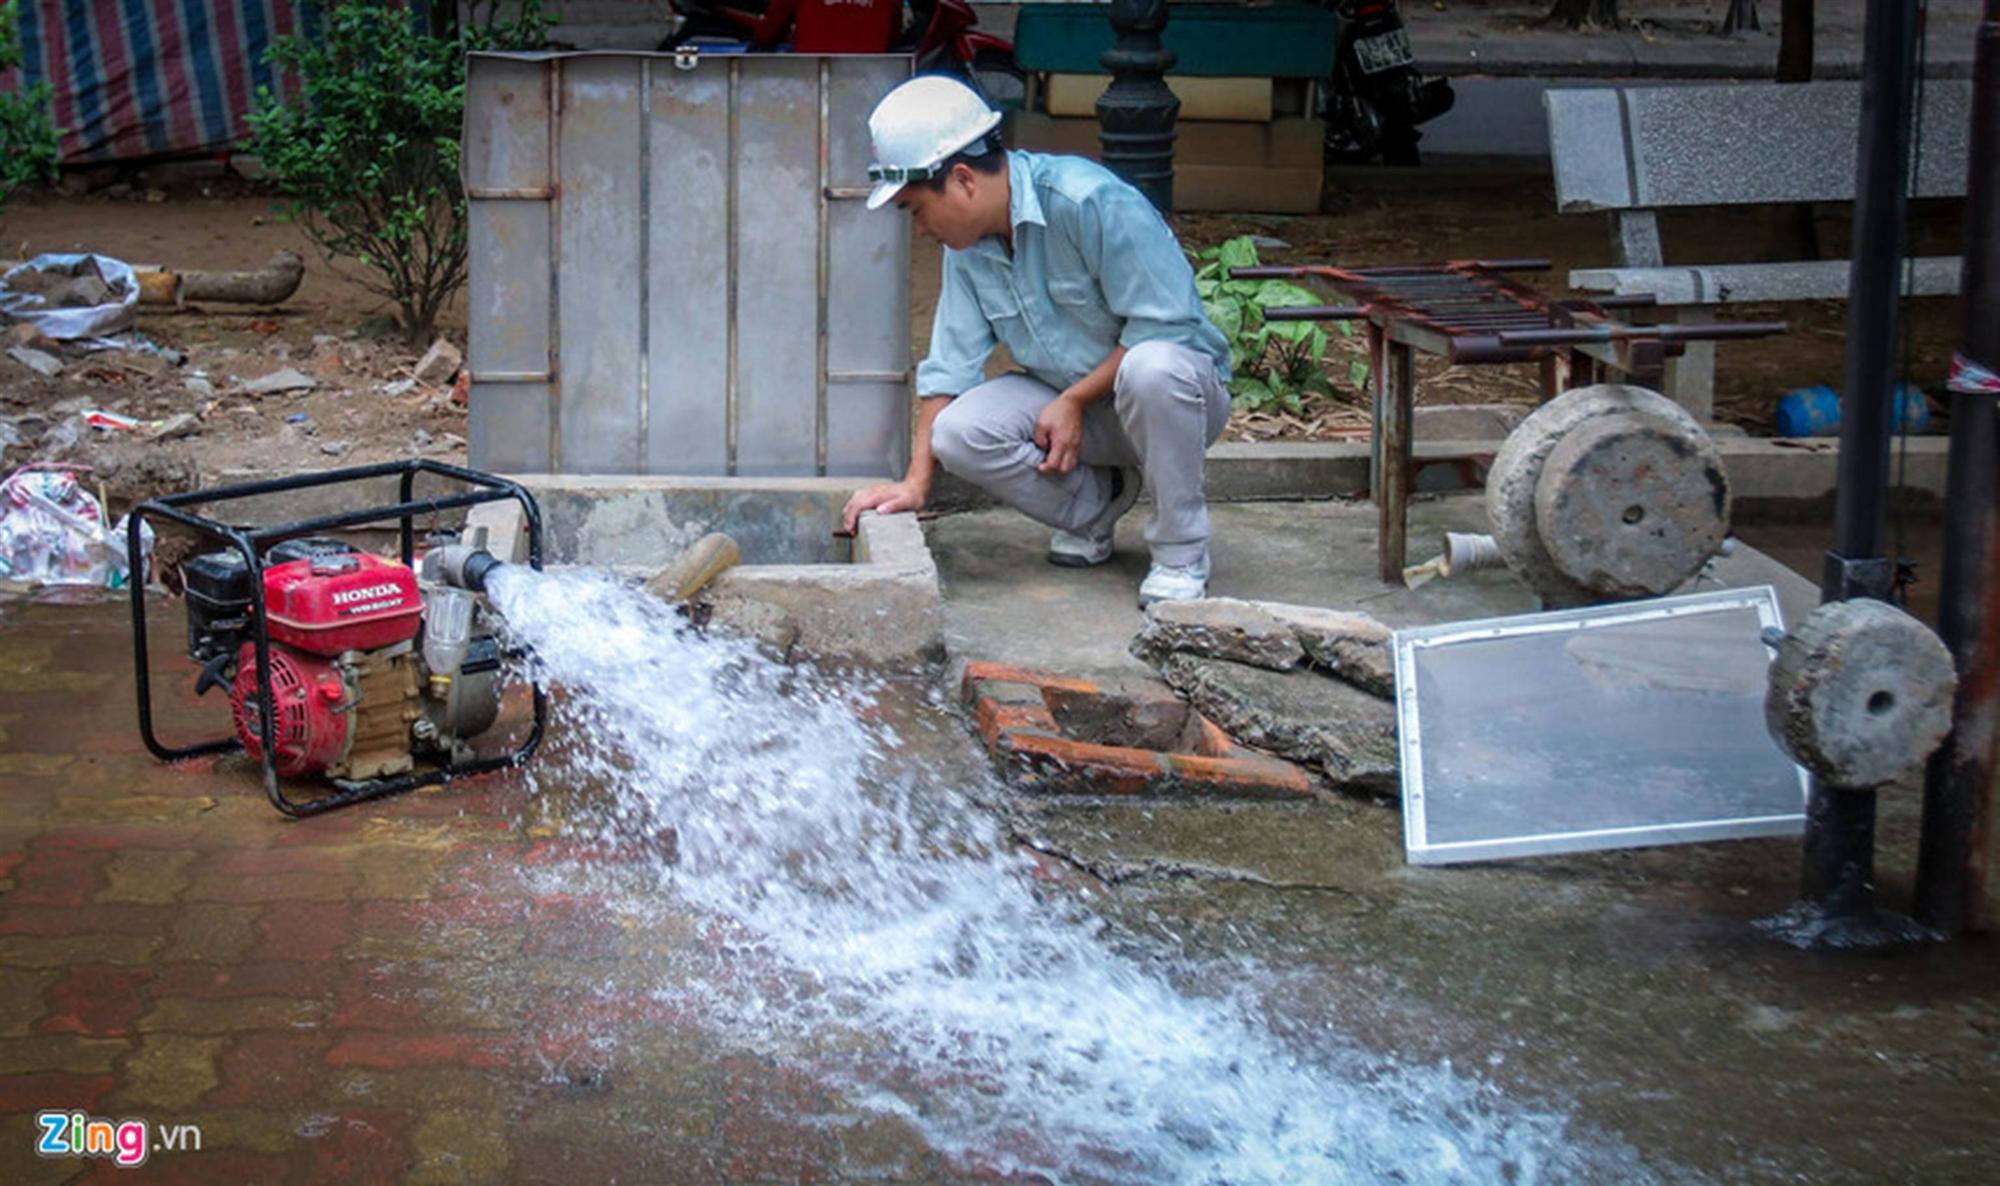 Cuộc sống người Hà Nội đảo lộn trong cơn khủng hoảng nước-36